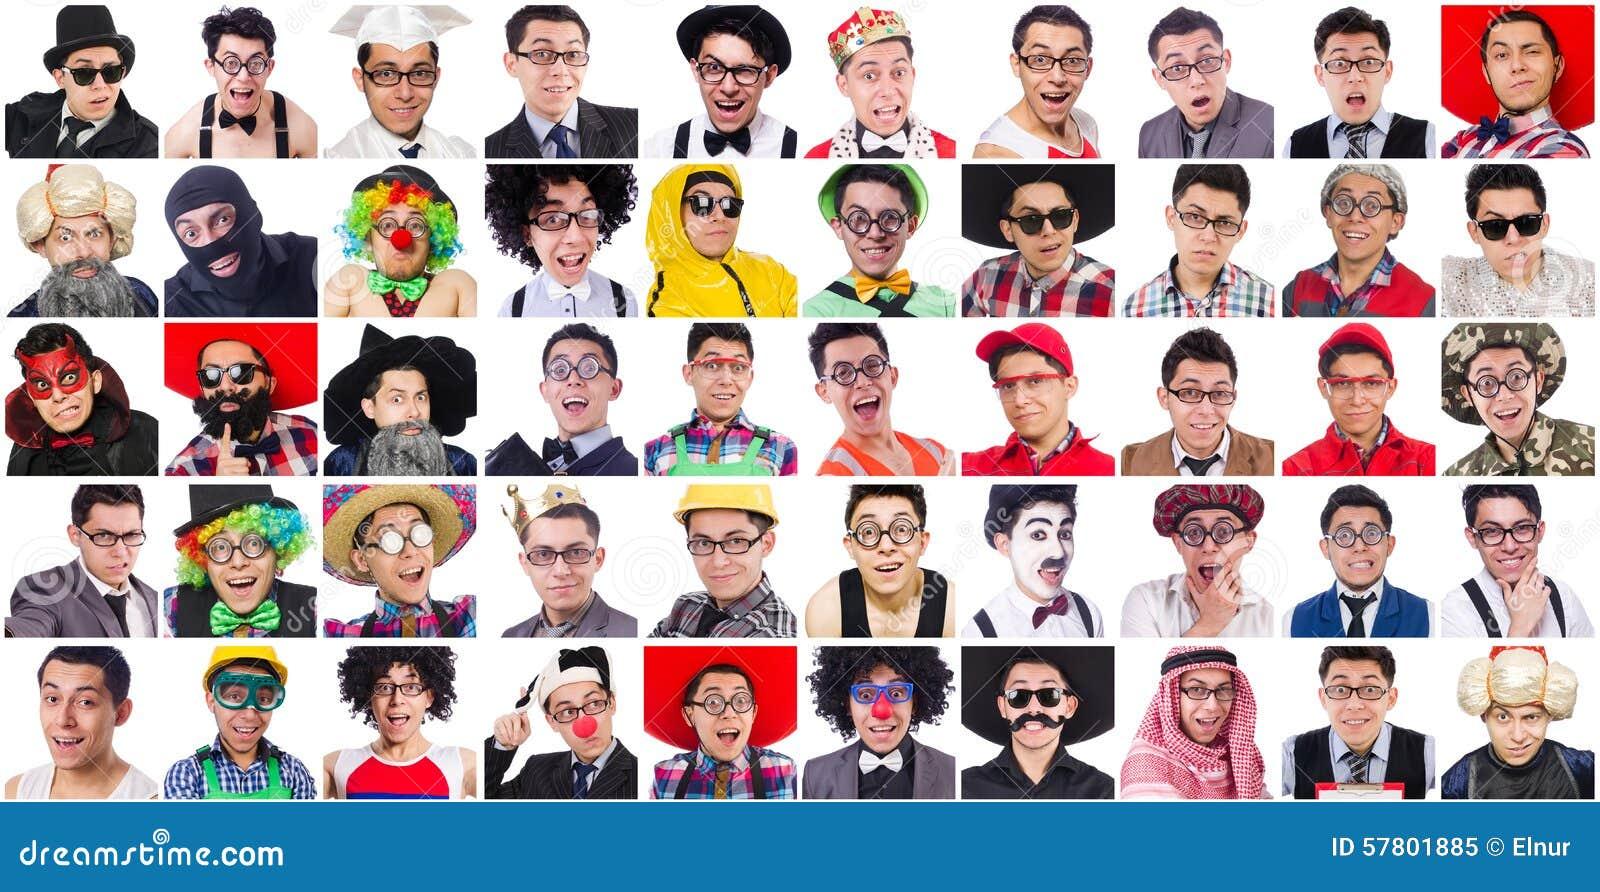 Faces Many